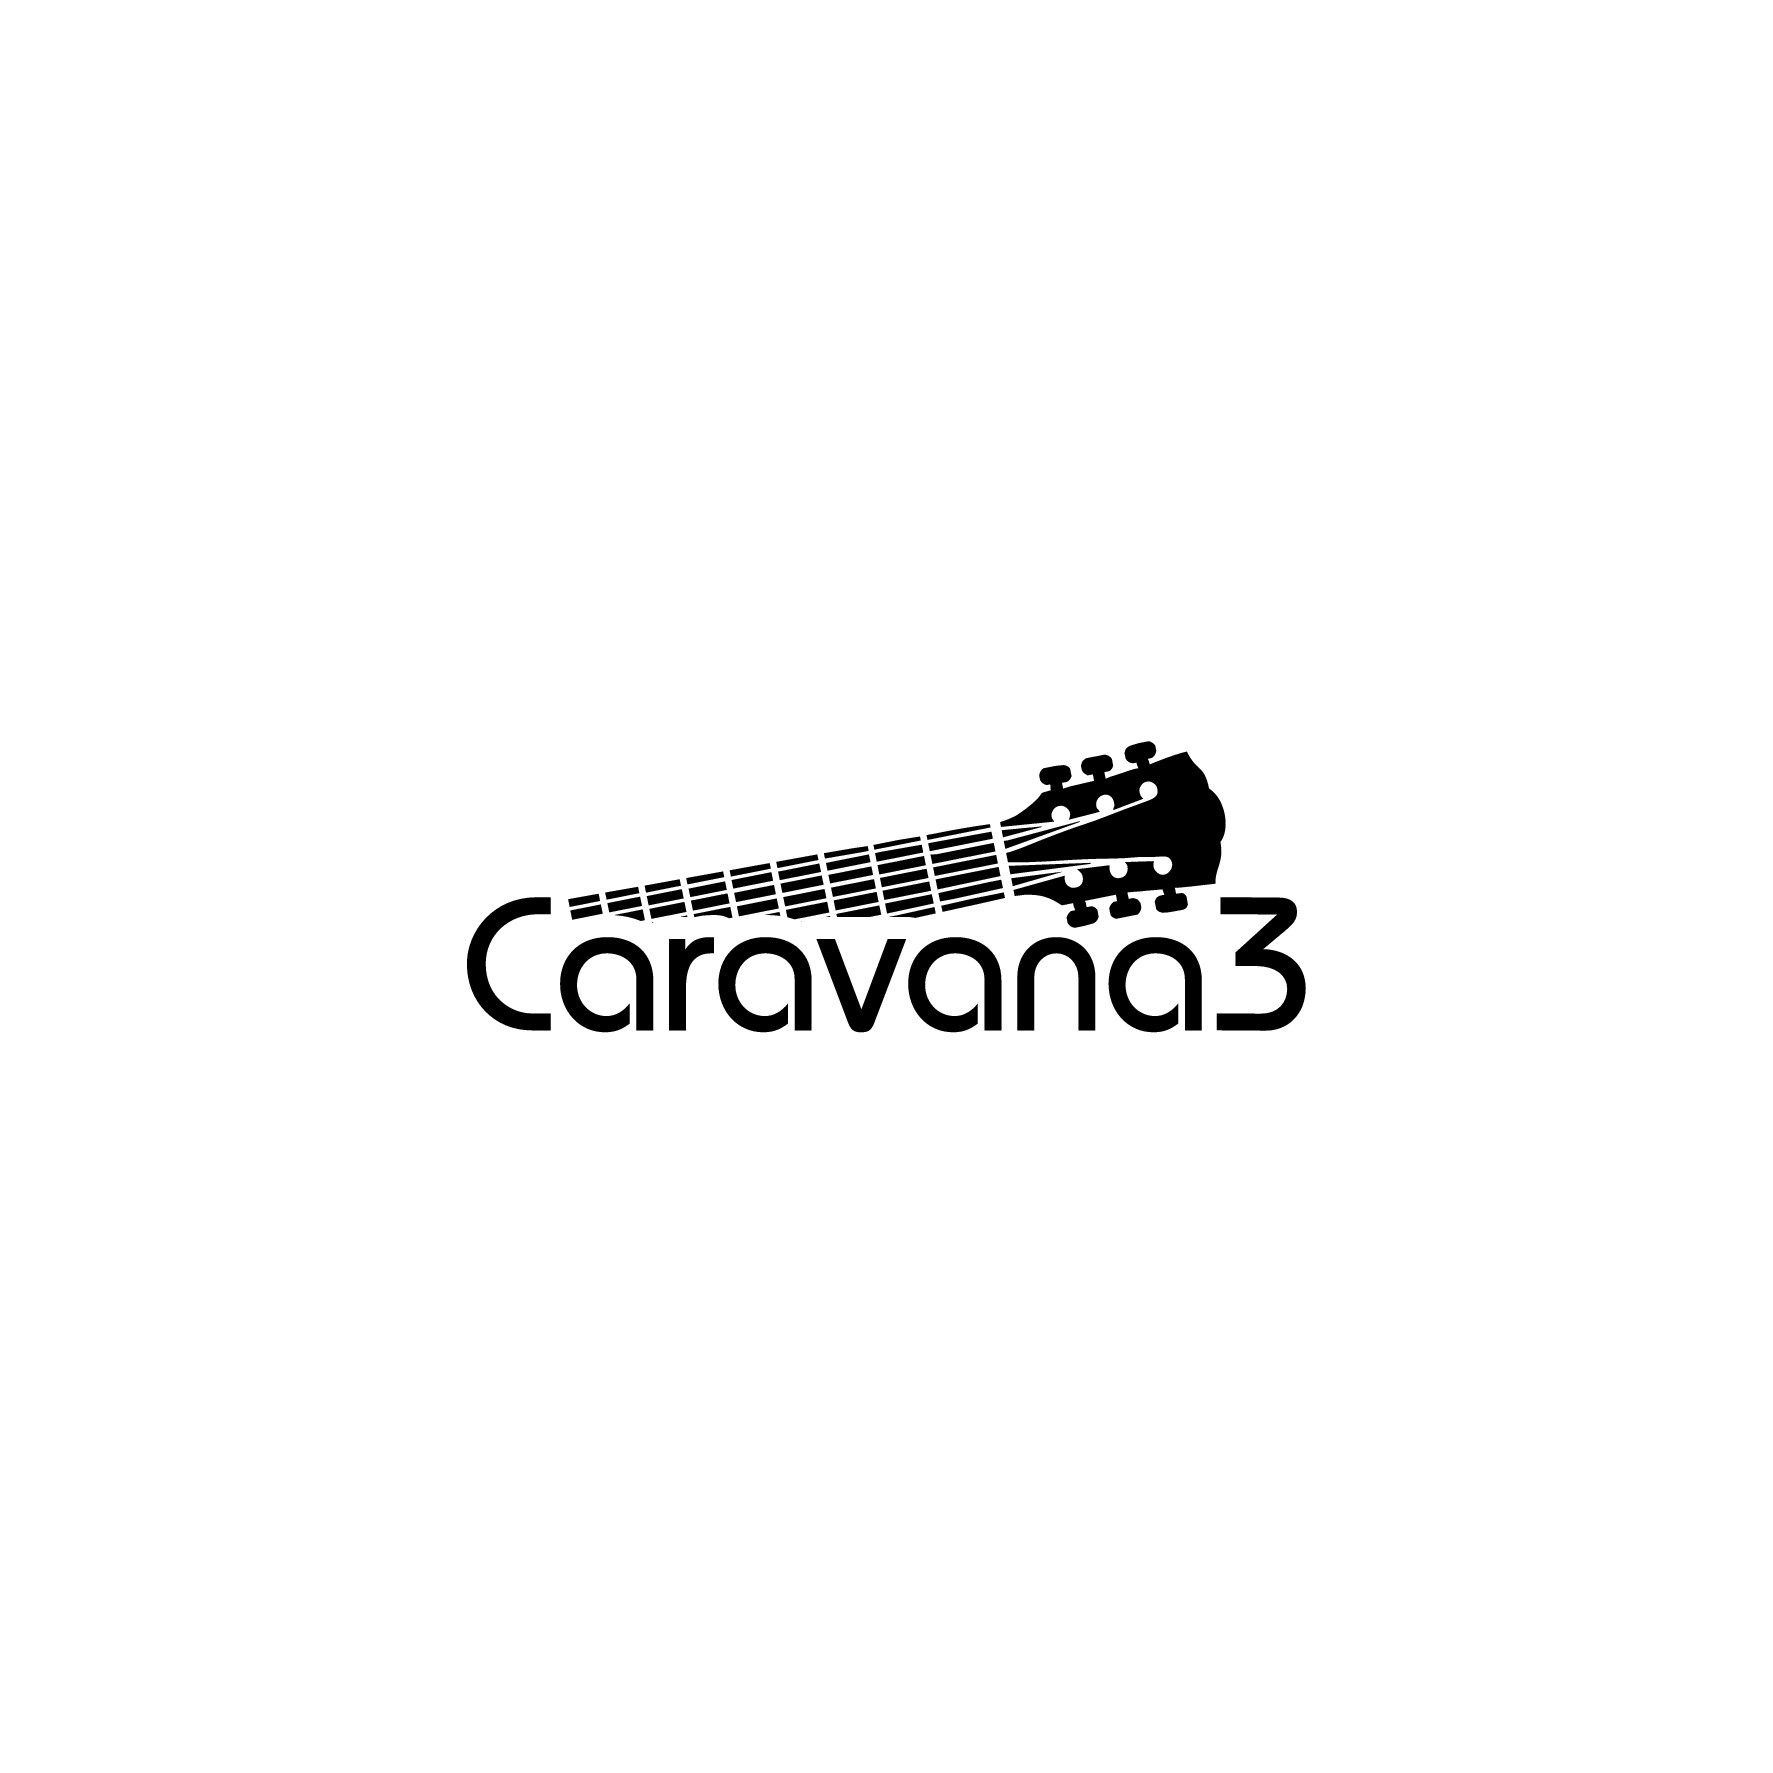 CARAVANA3